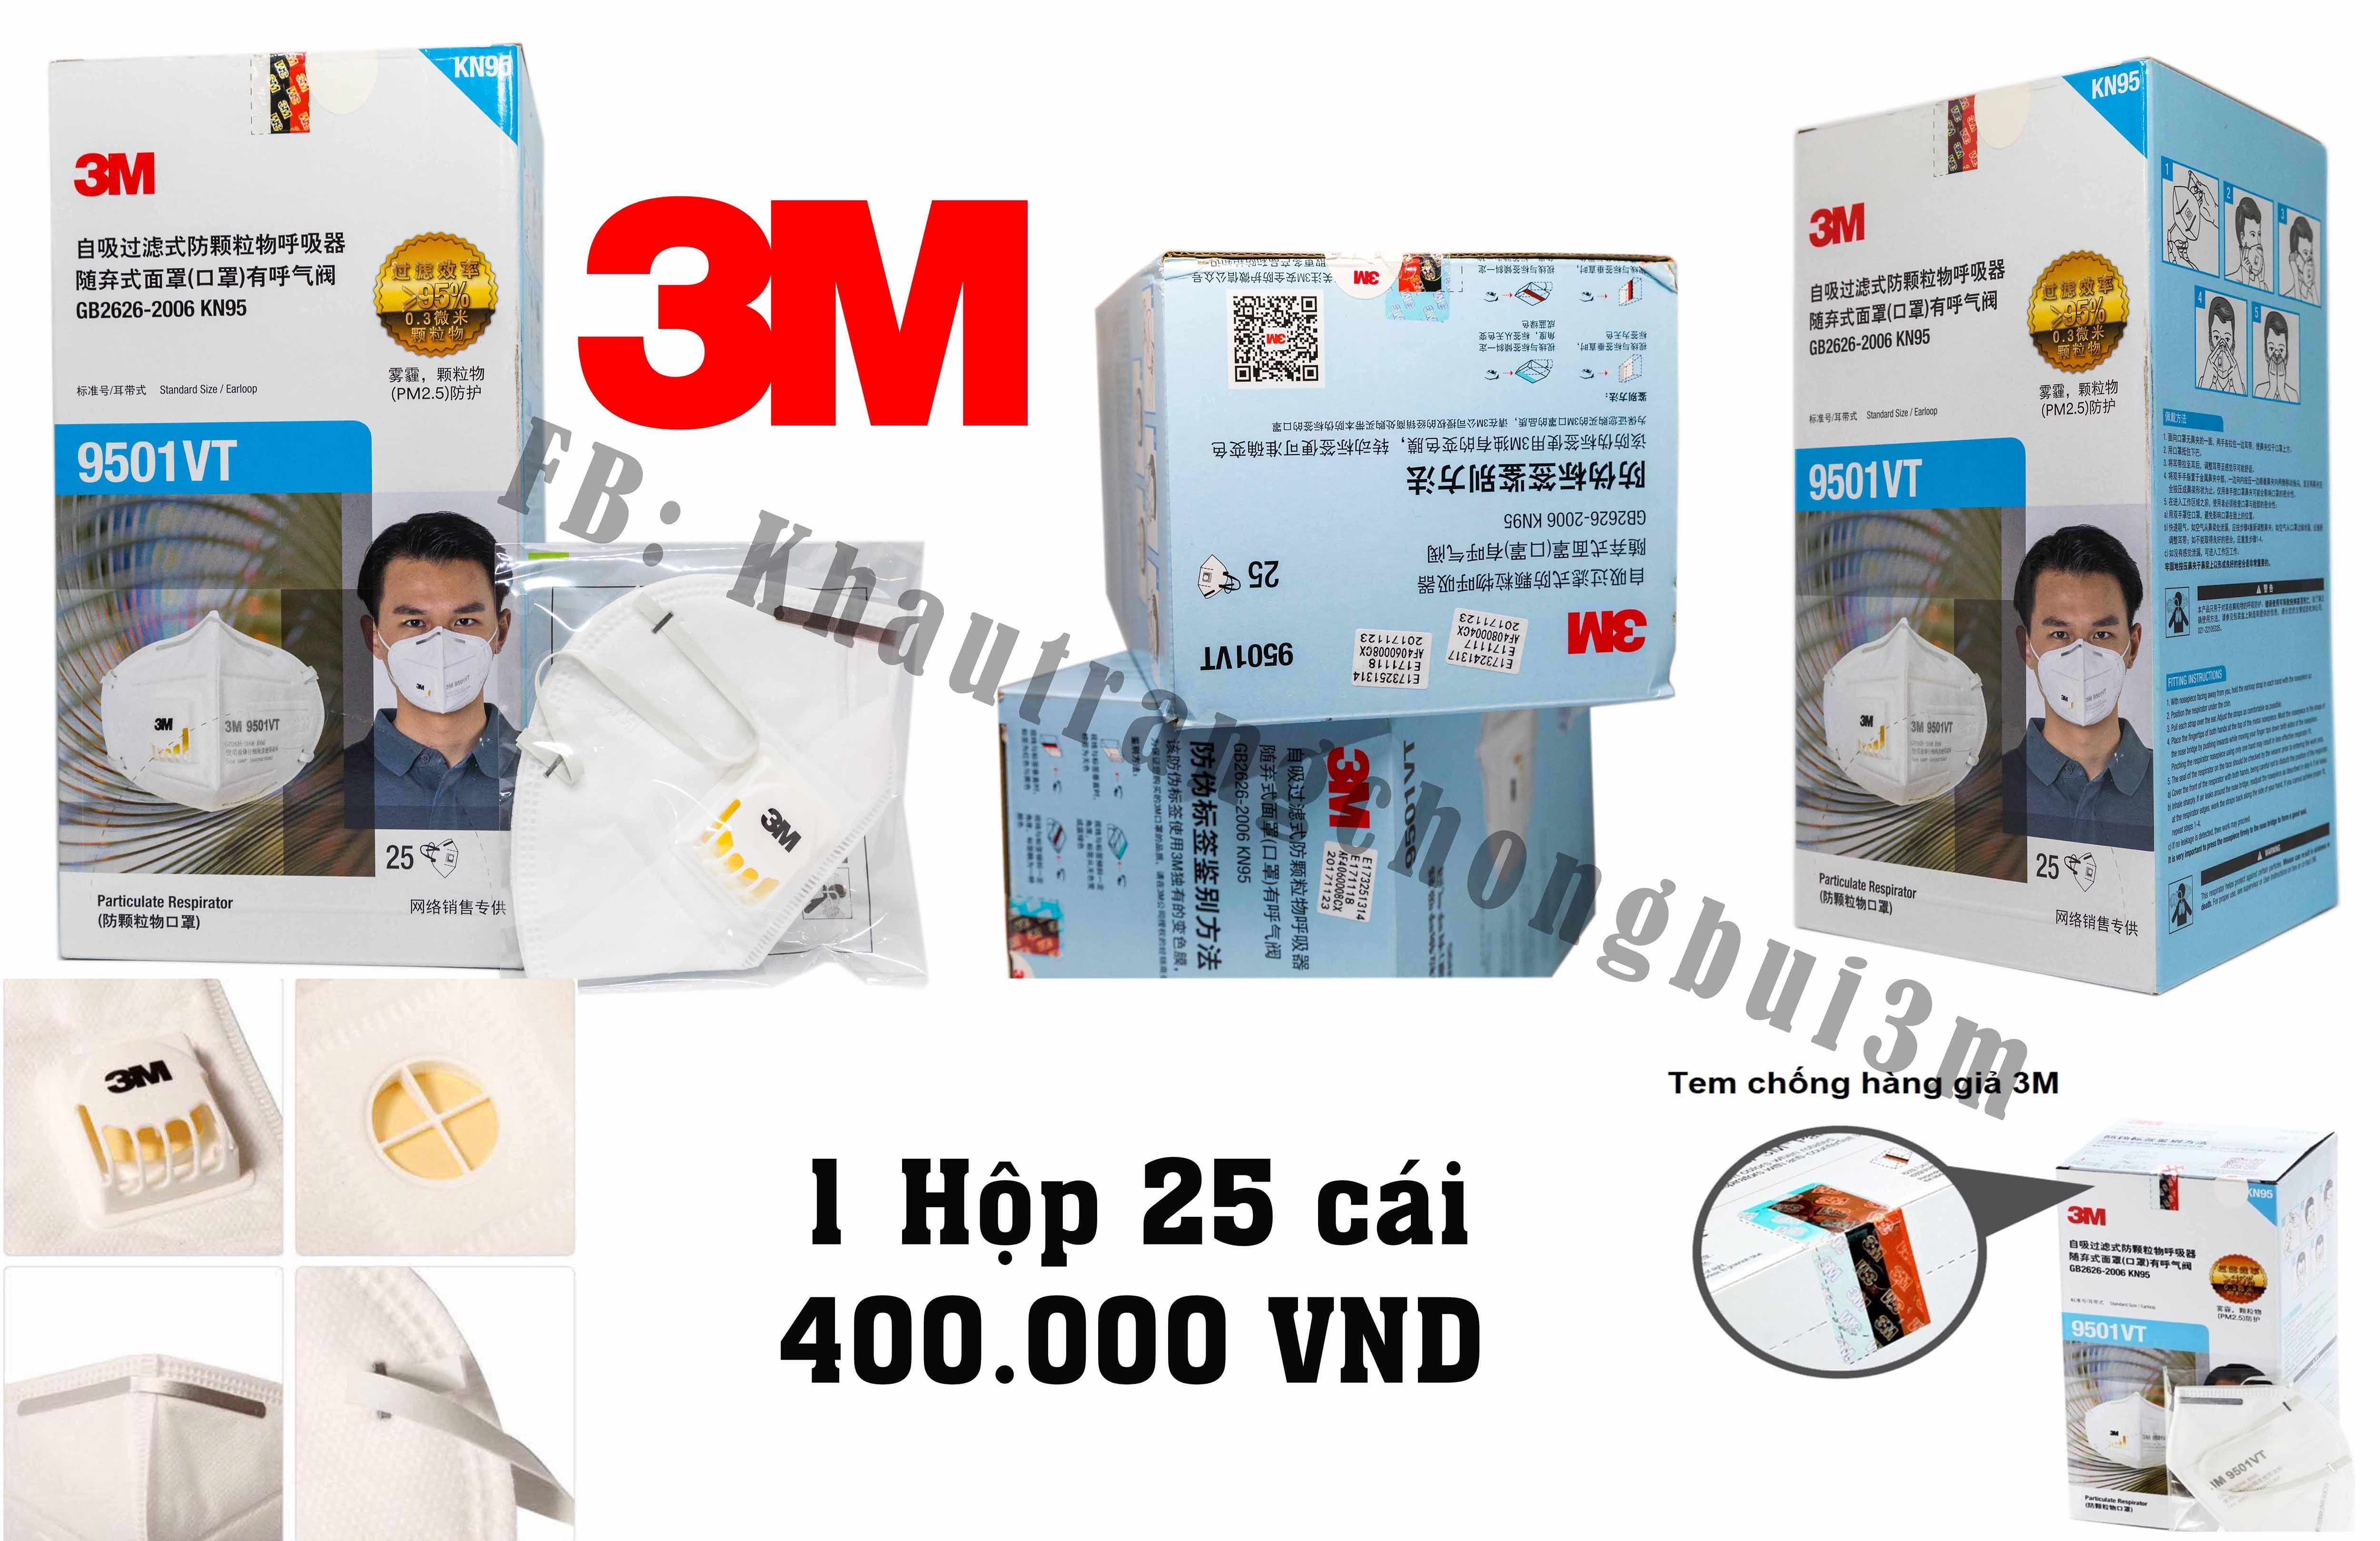 Khẩu Trang Chống Bụi 3M - 9501 VT   1 Hộp 25 cái